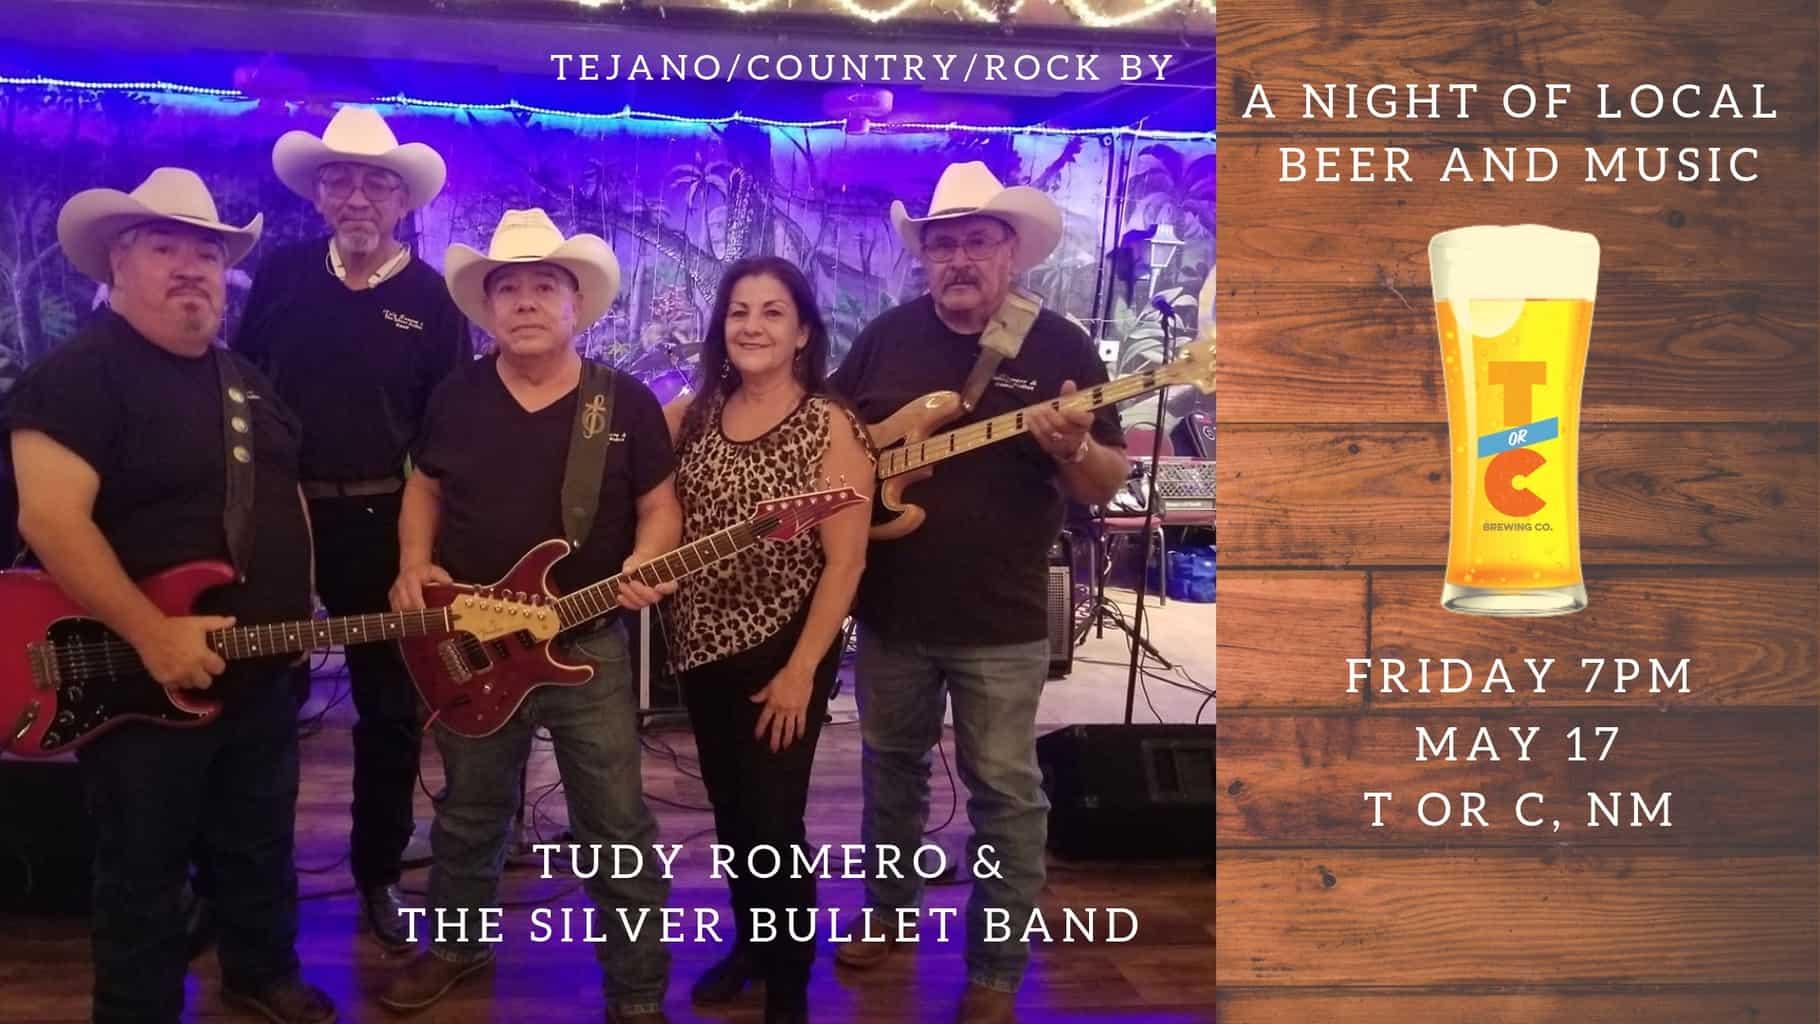 Tudy Romero & The Silver Bullet Band